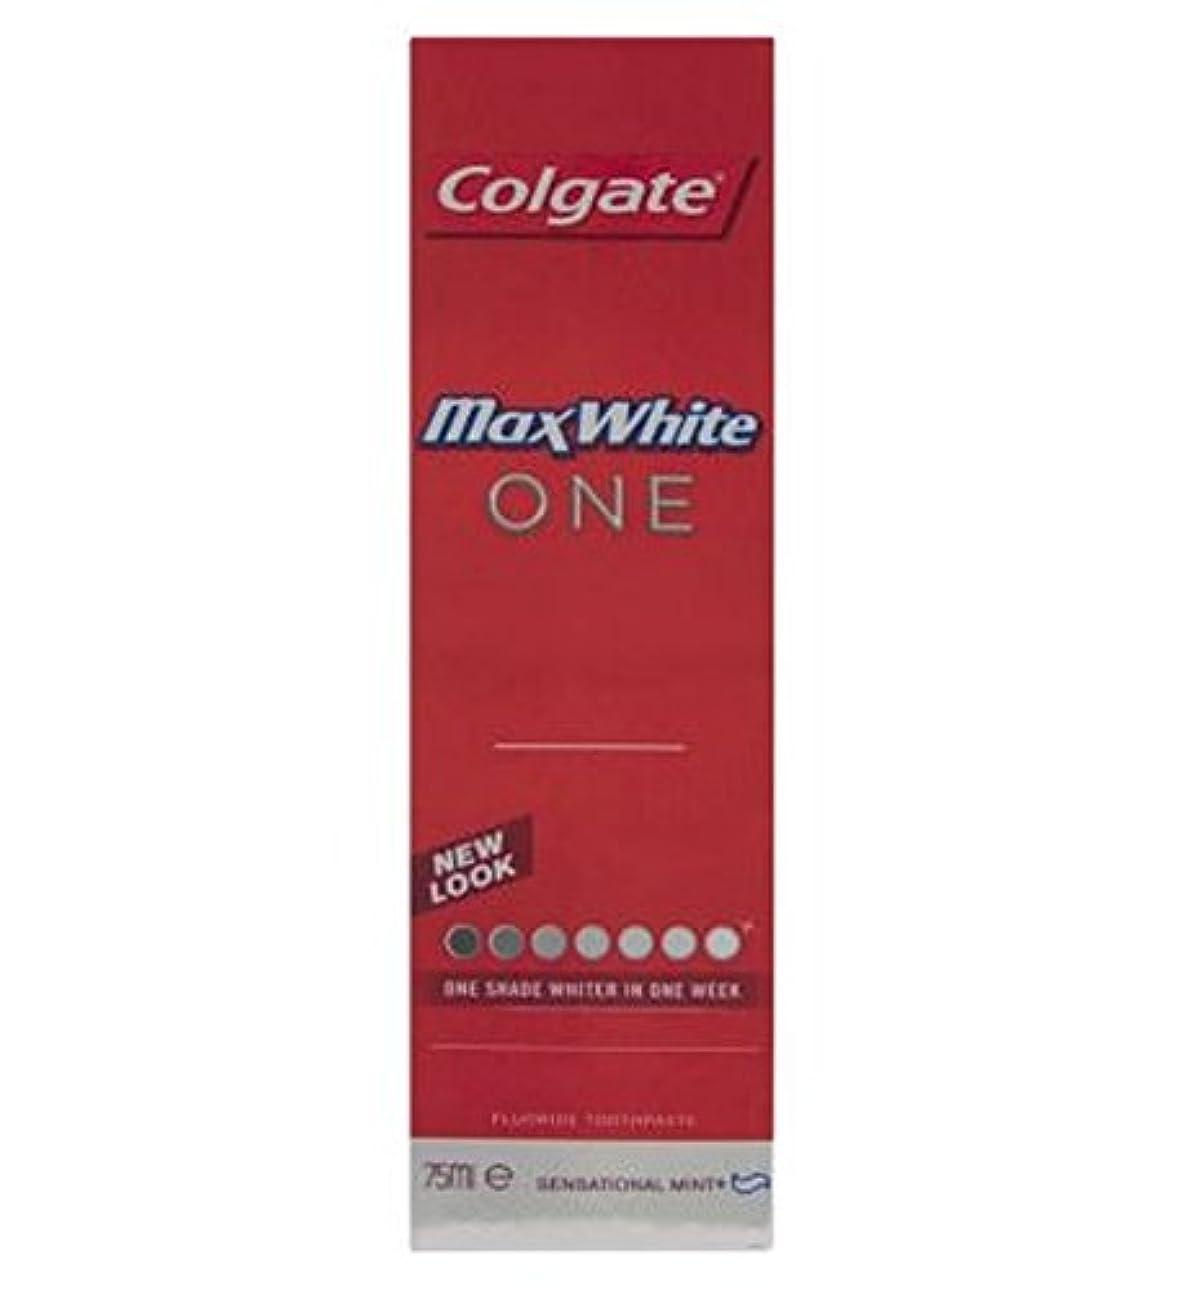 参照適合しましたおめでとうColgate Max White One Fresh toothpaste 75ml - コルゲートマックスホワイト1新鮮な歯磨き粉75ミリリットル (Colgate) [並行輸入品]